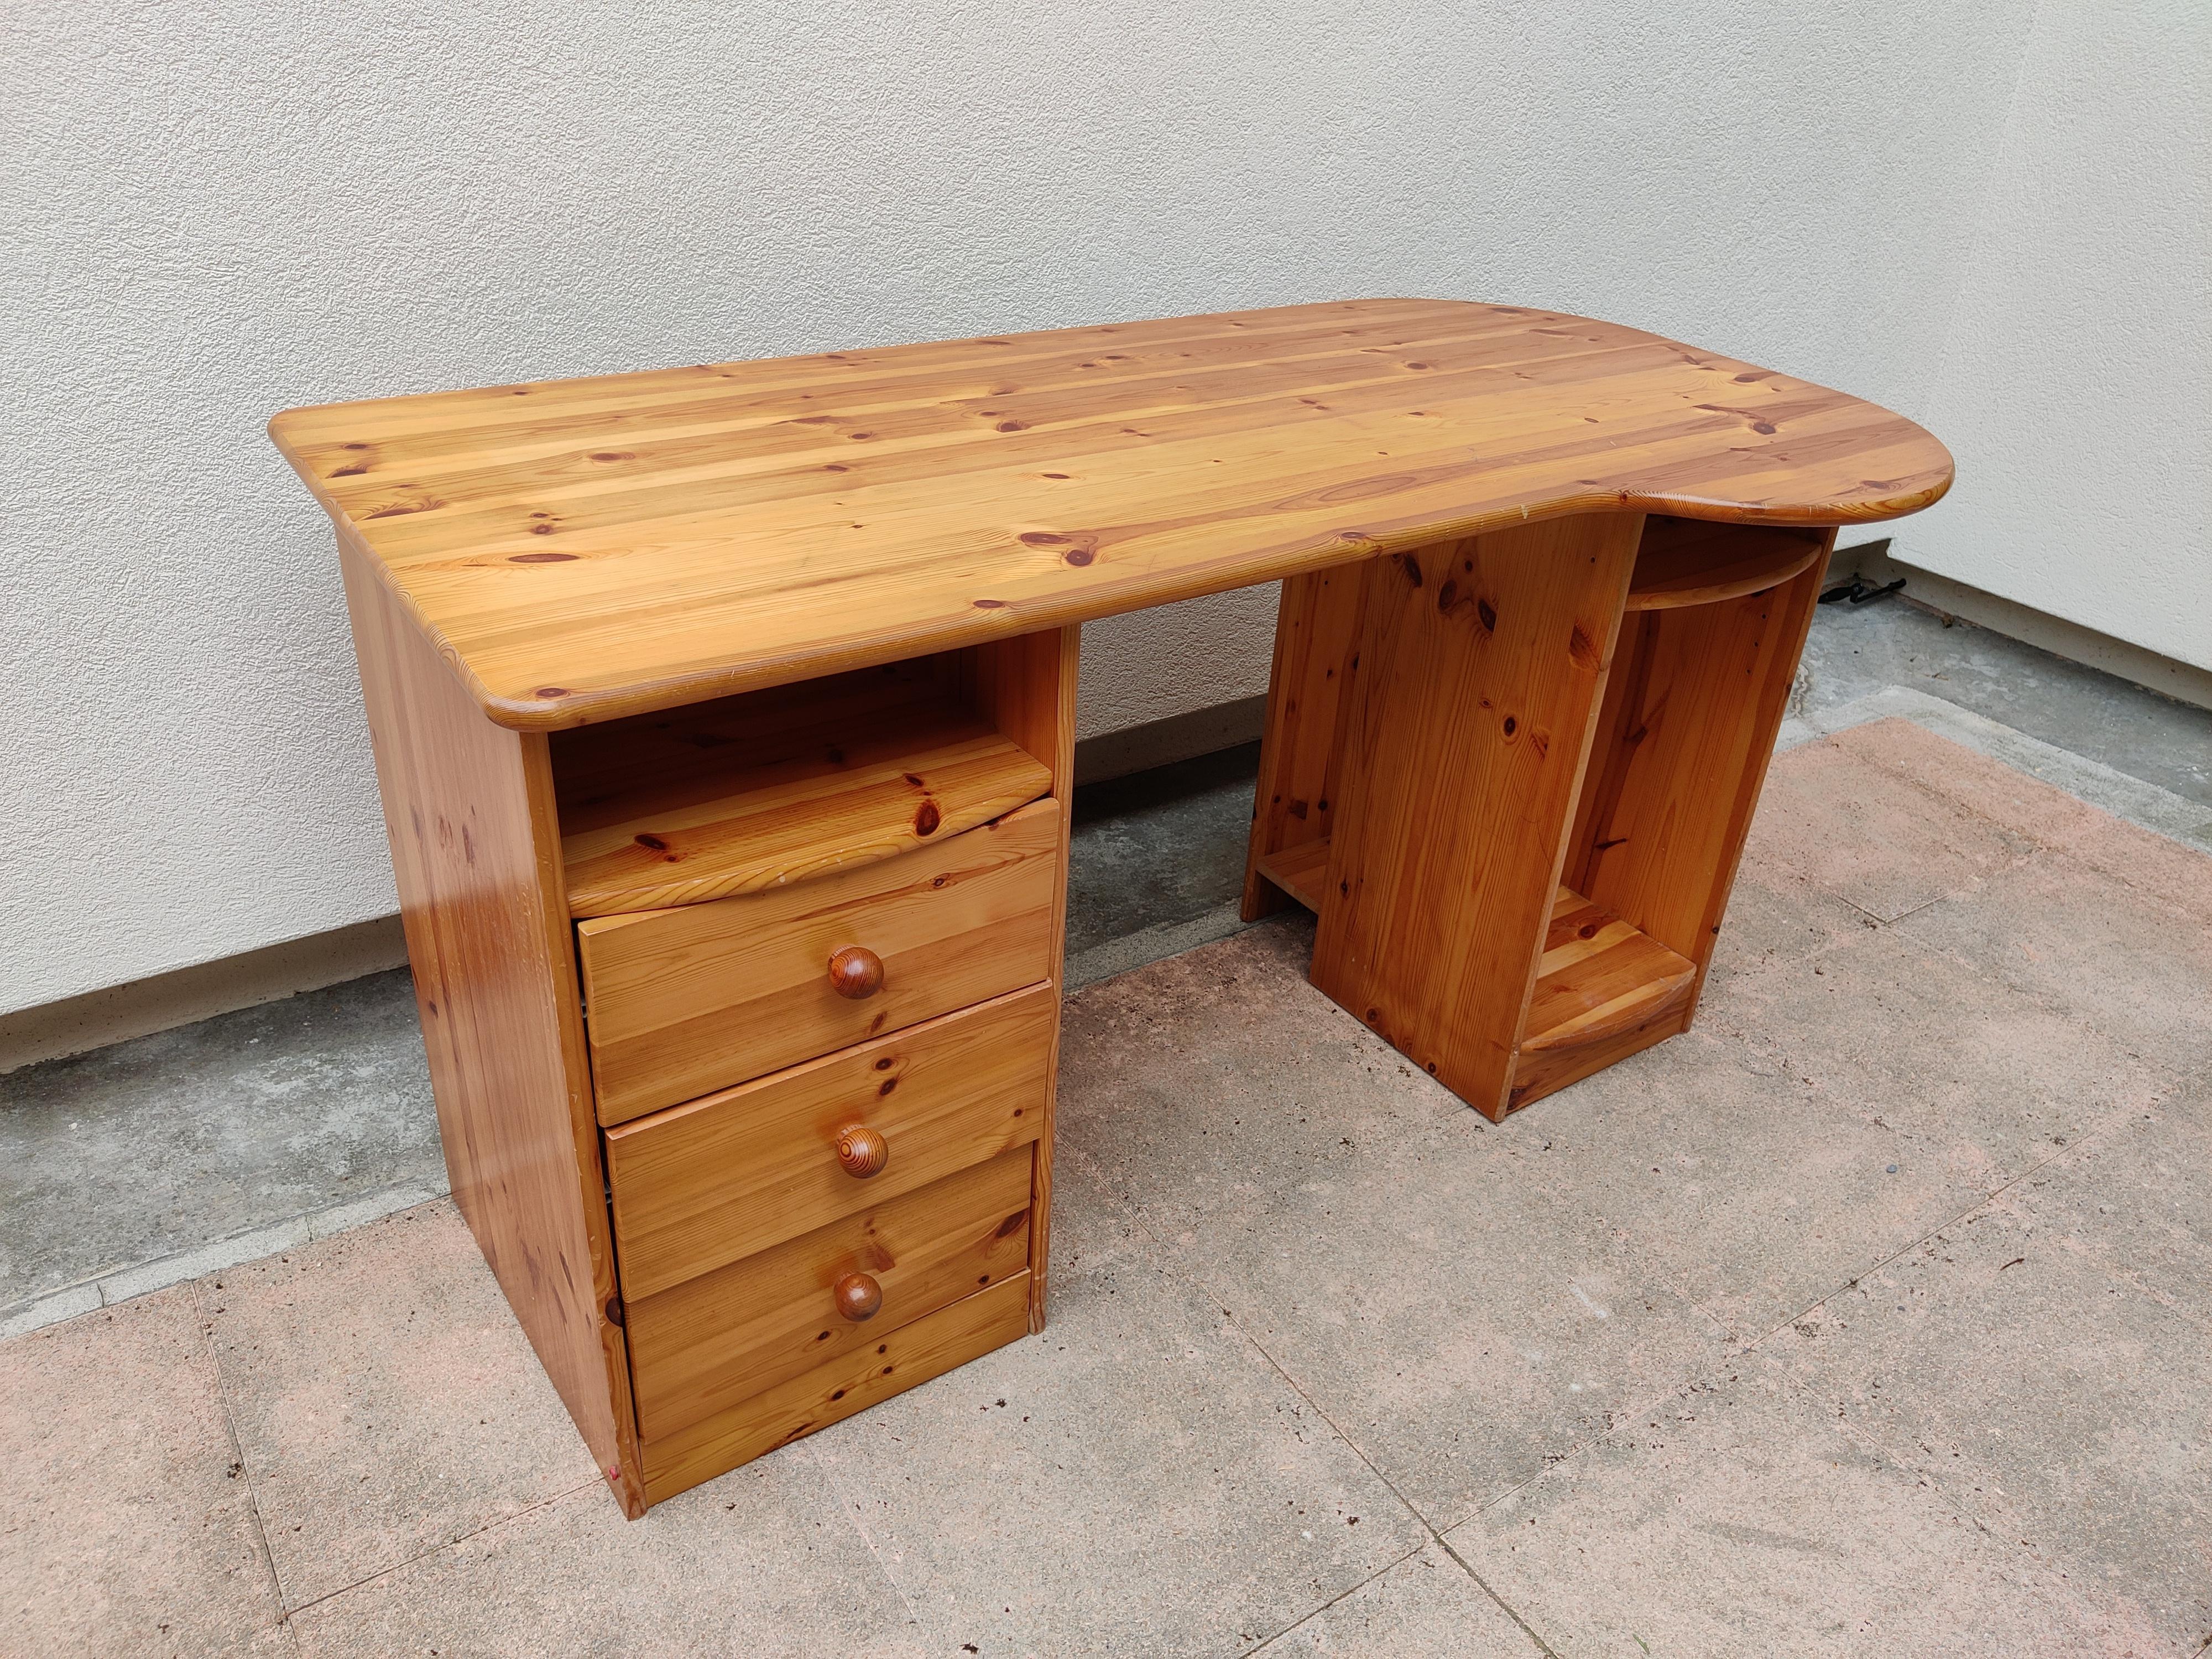 troc de troc bureau en bois brut (avec rangements) image 0